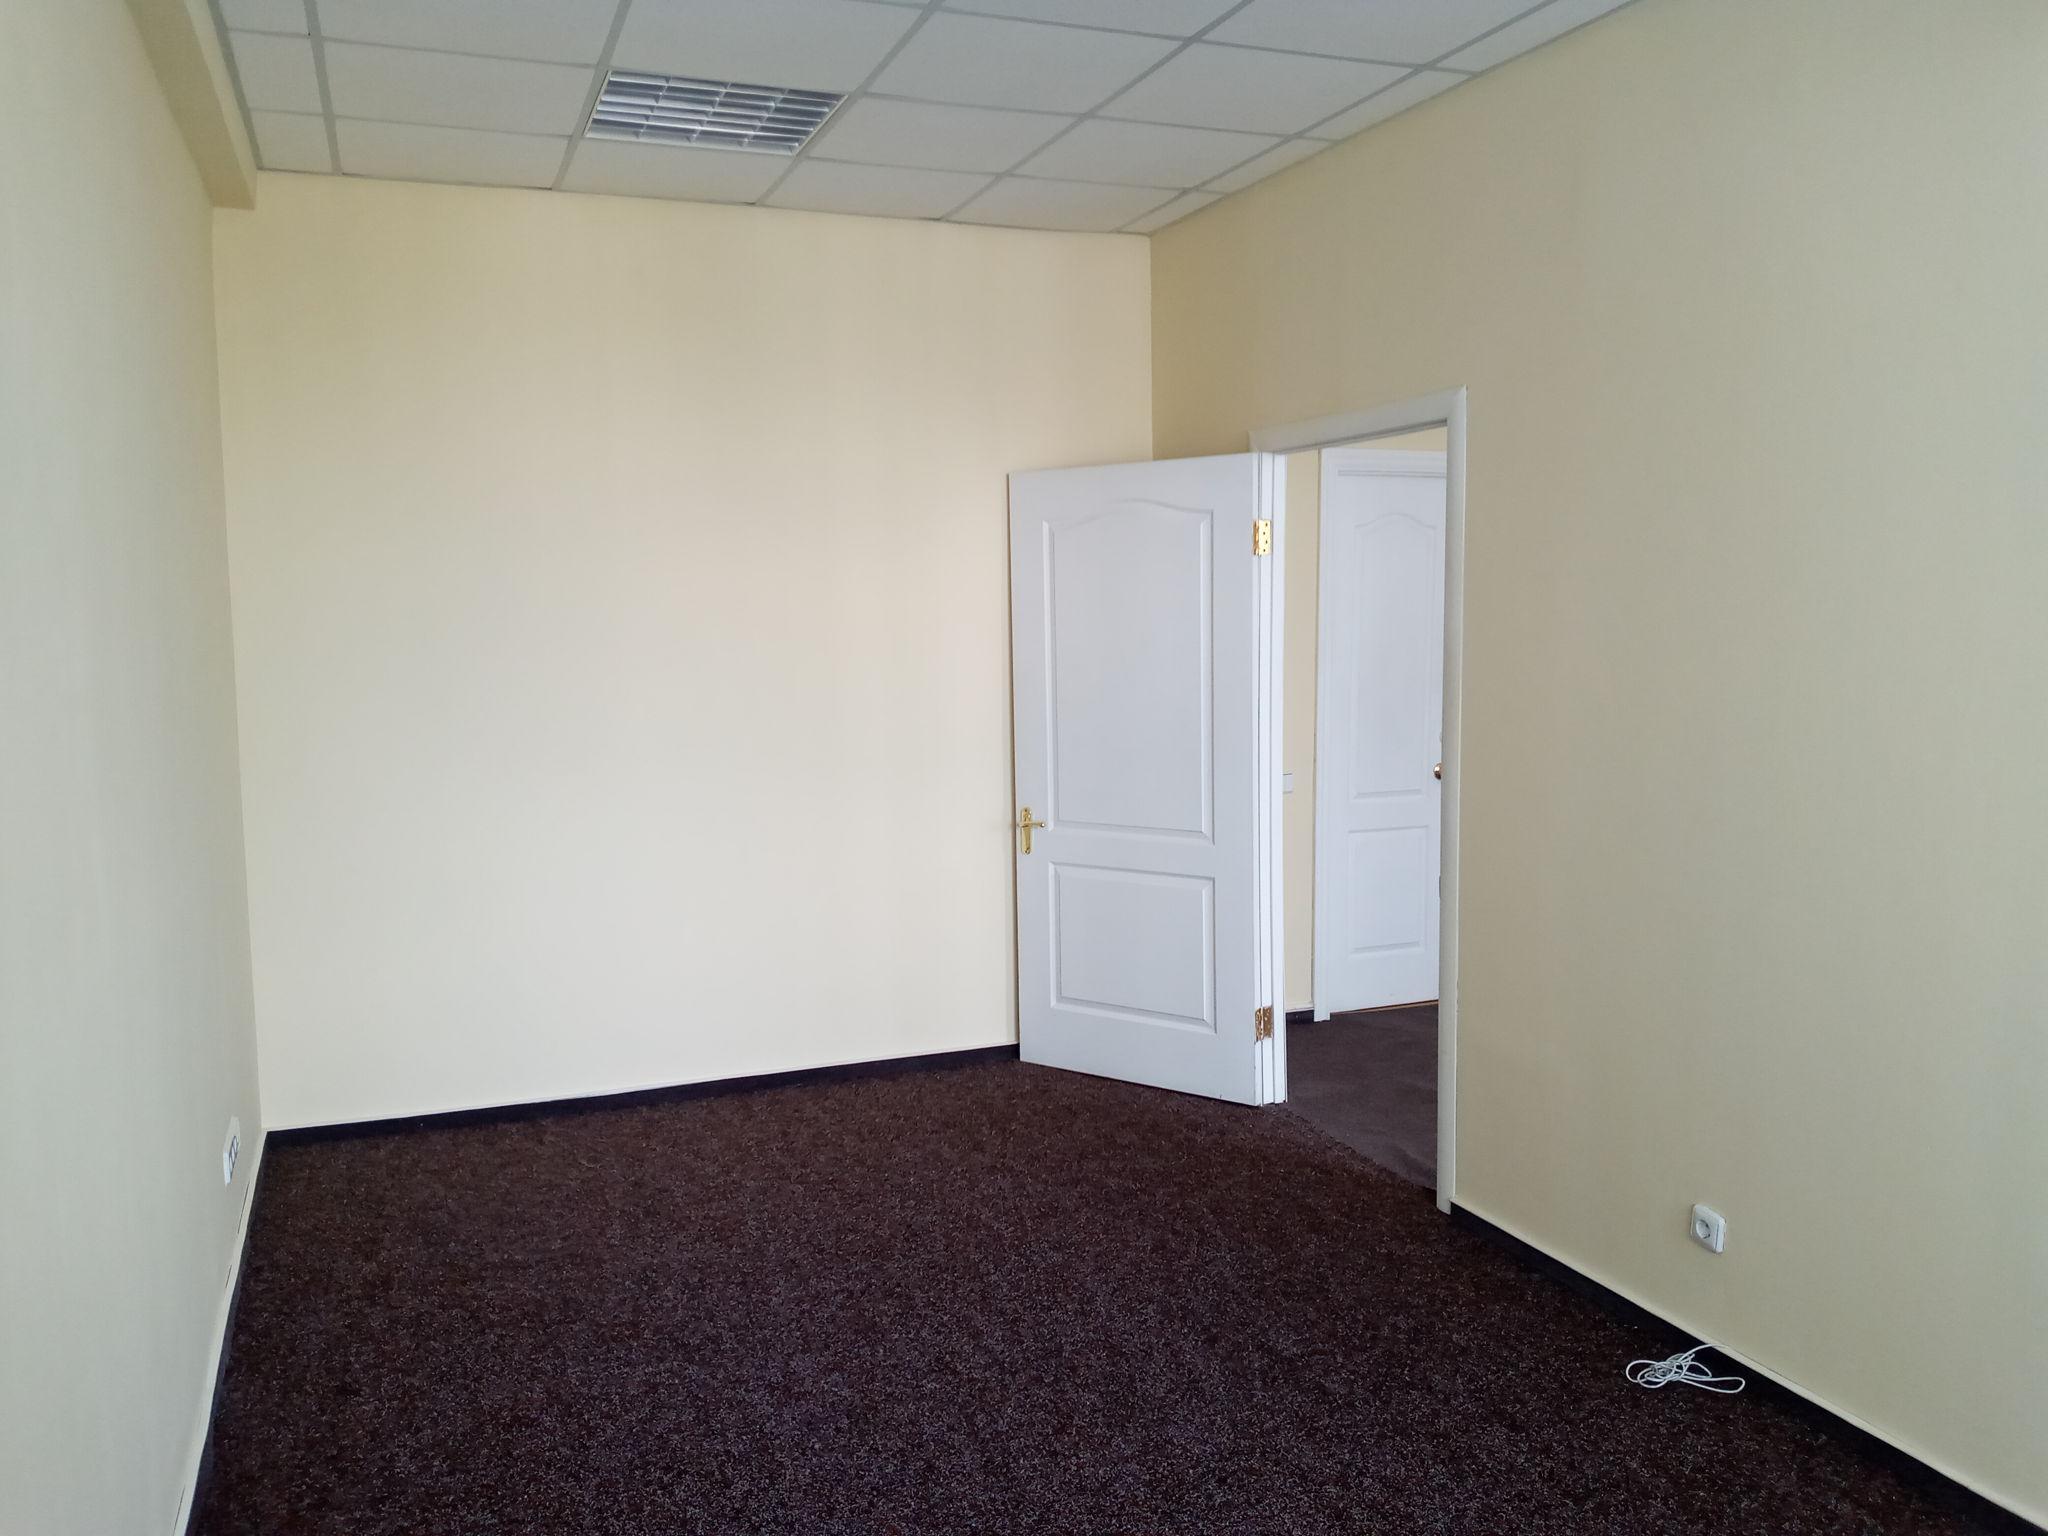 Офис, W-6136862, Сверстюка Евгения (Расковой Марины), 17, Киев - Фото 3